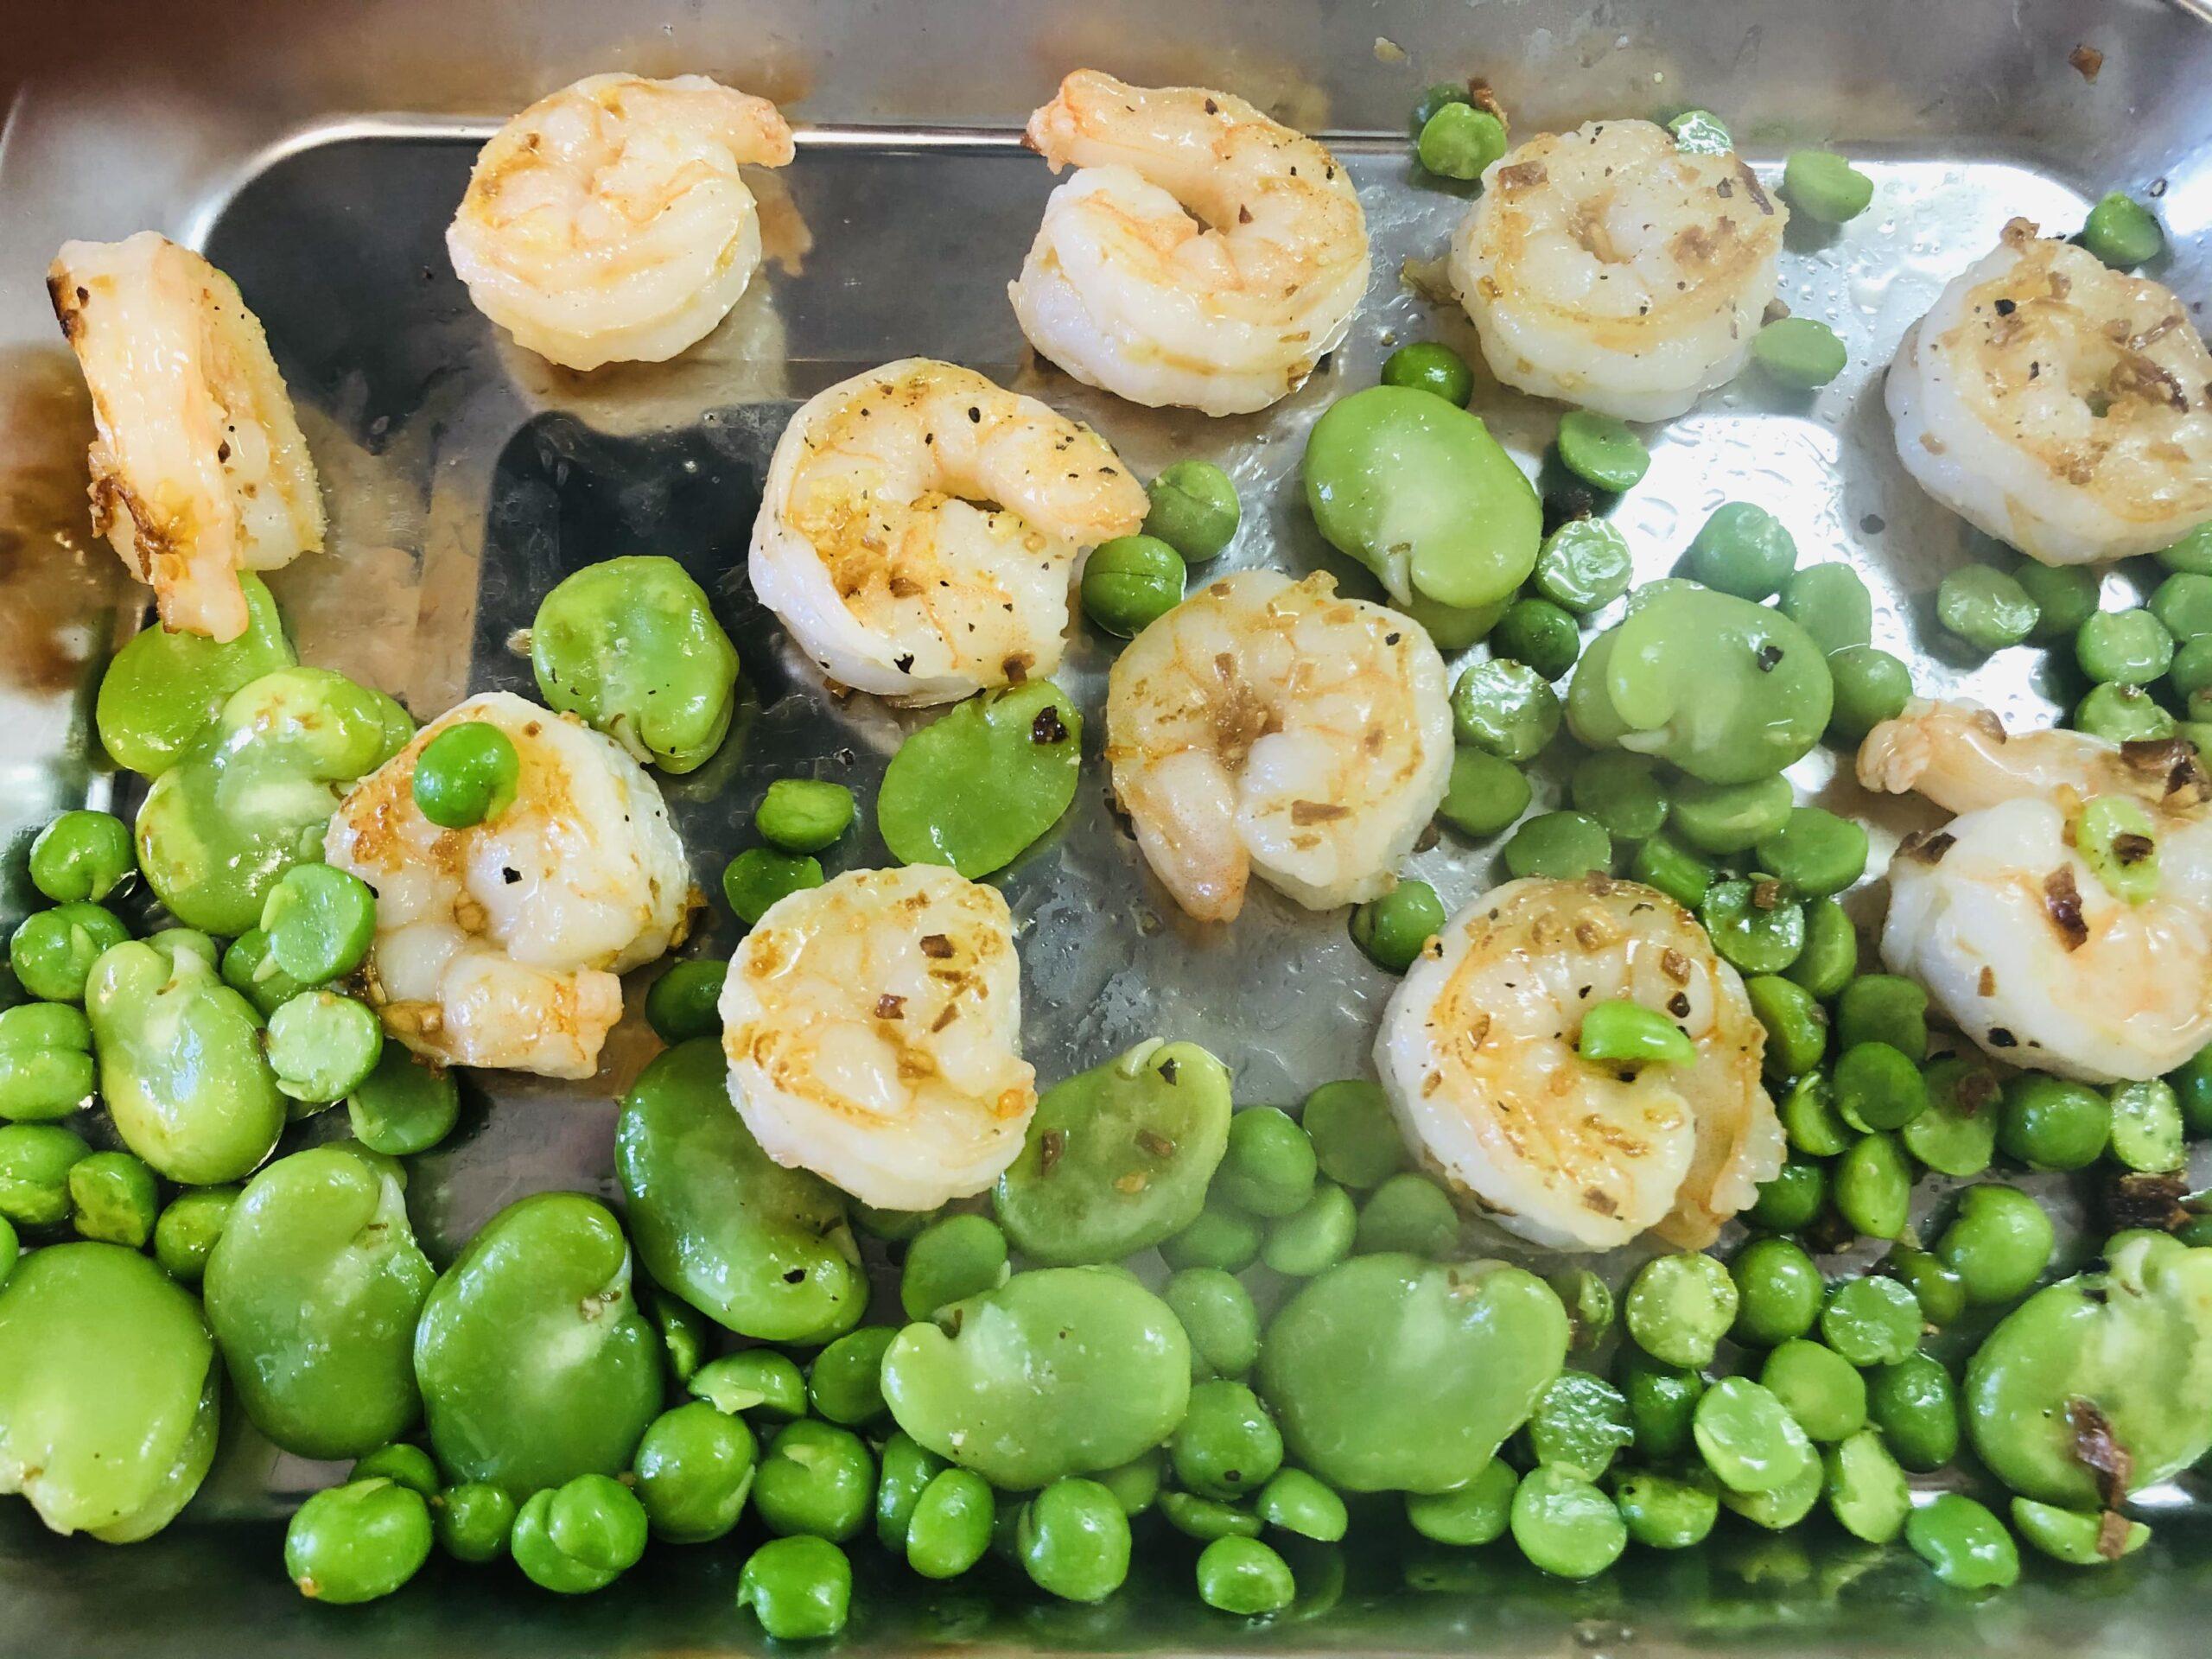 エビを炒め、豆類を加え、塩コショウして、バットに移した様子の画像です